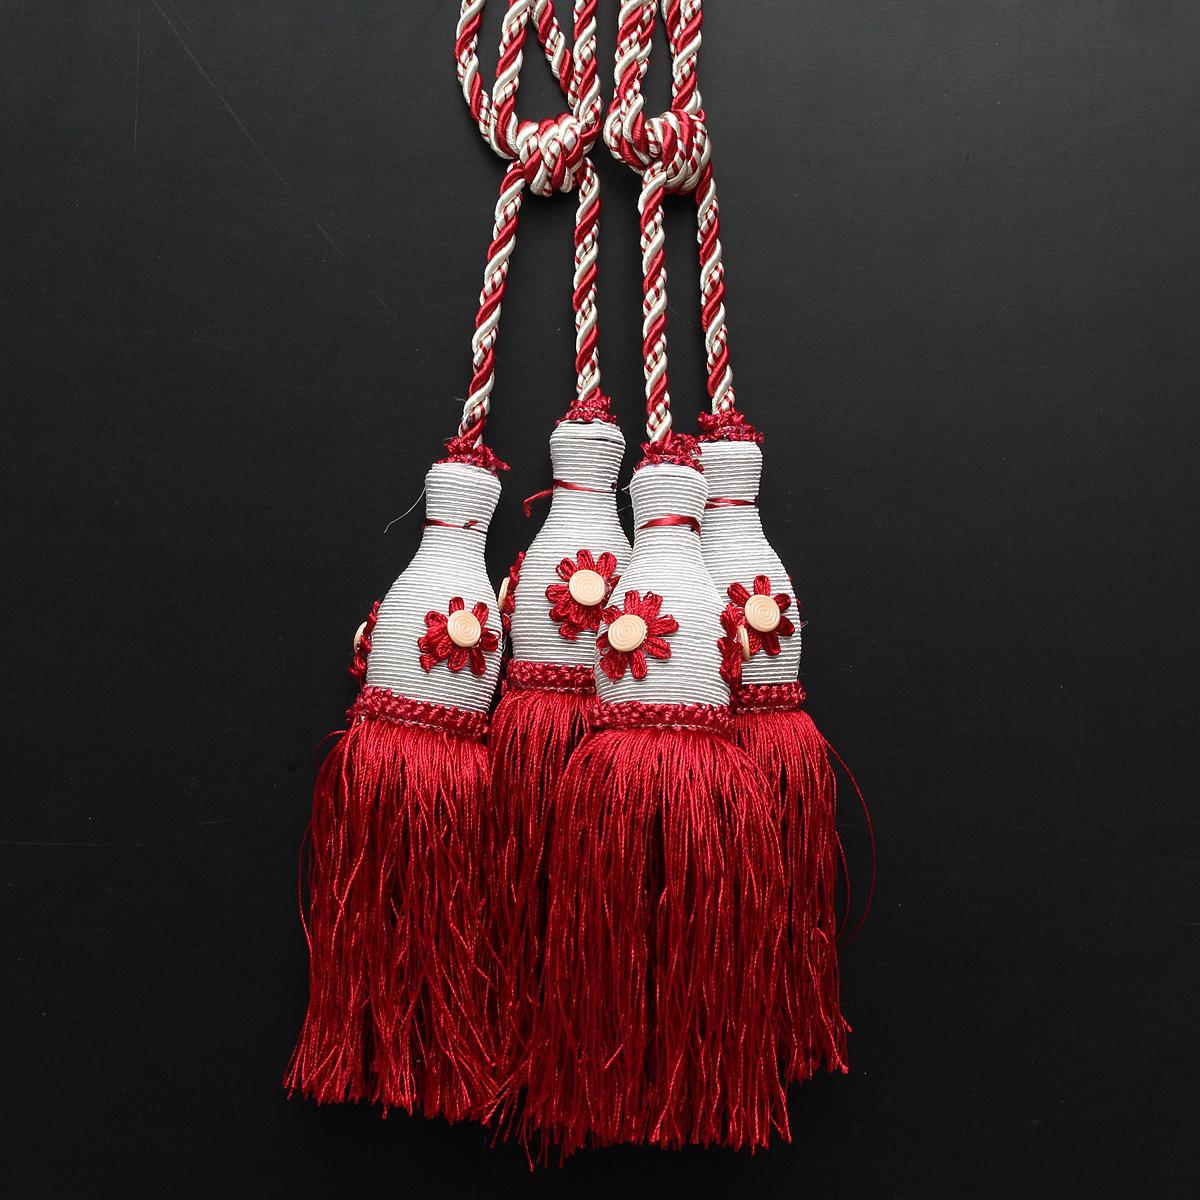 paire el gant embrasse attache pendantif rideau pompon. Black Bedroom Furniture Sets. Home Design Ideas